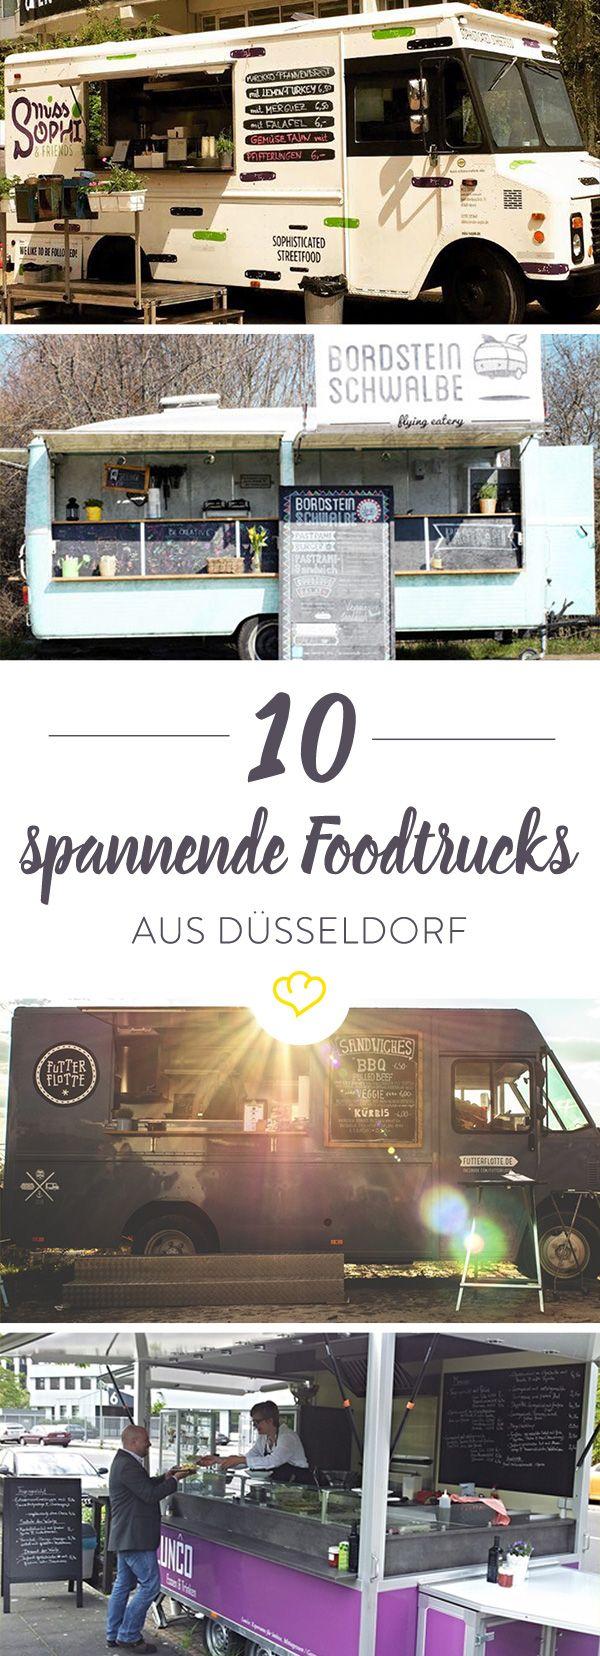 Heute Pastrami oder lieber Pulled Pork? Wir haben für dich unsere 10 Lieblings-Foodtrucks aus Düsseldorf mit Standortinfos im Überblick.